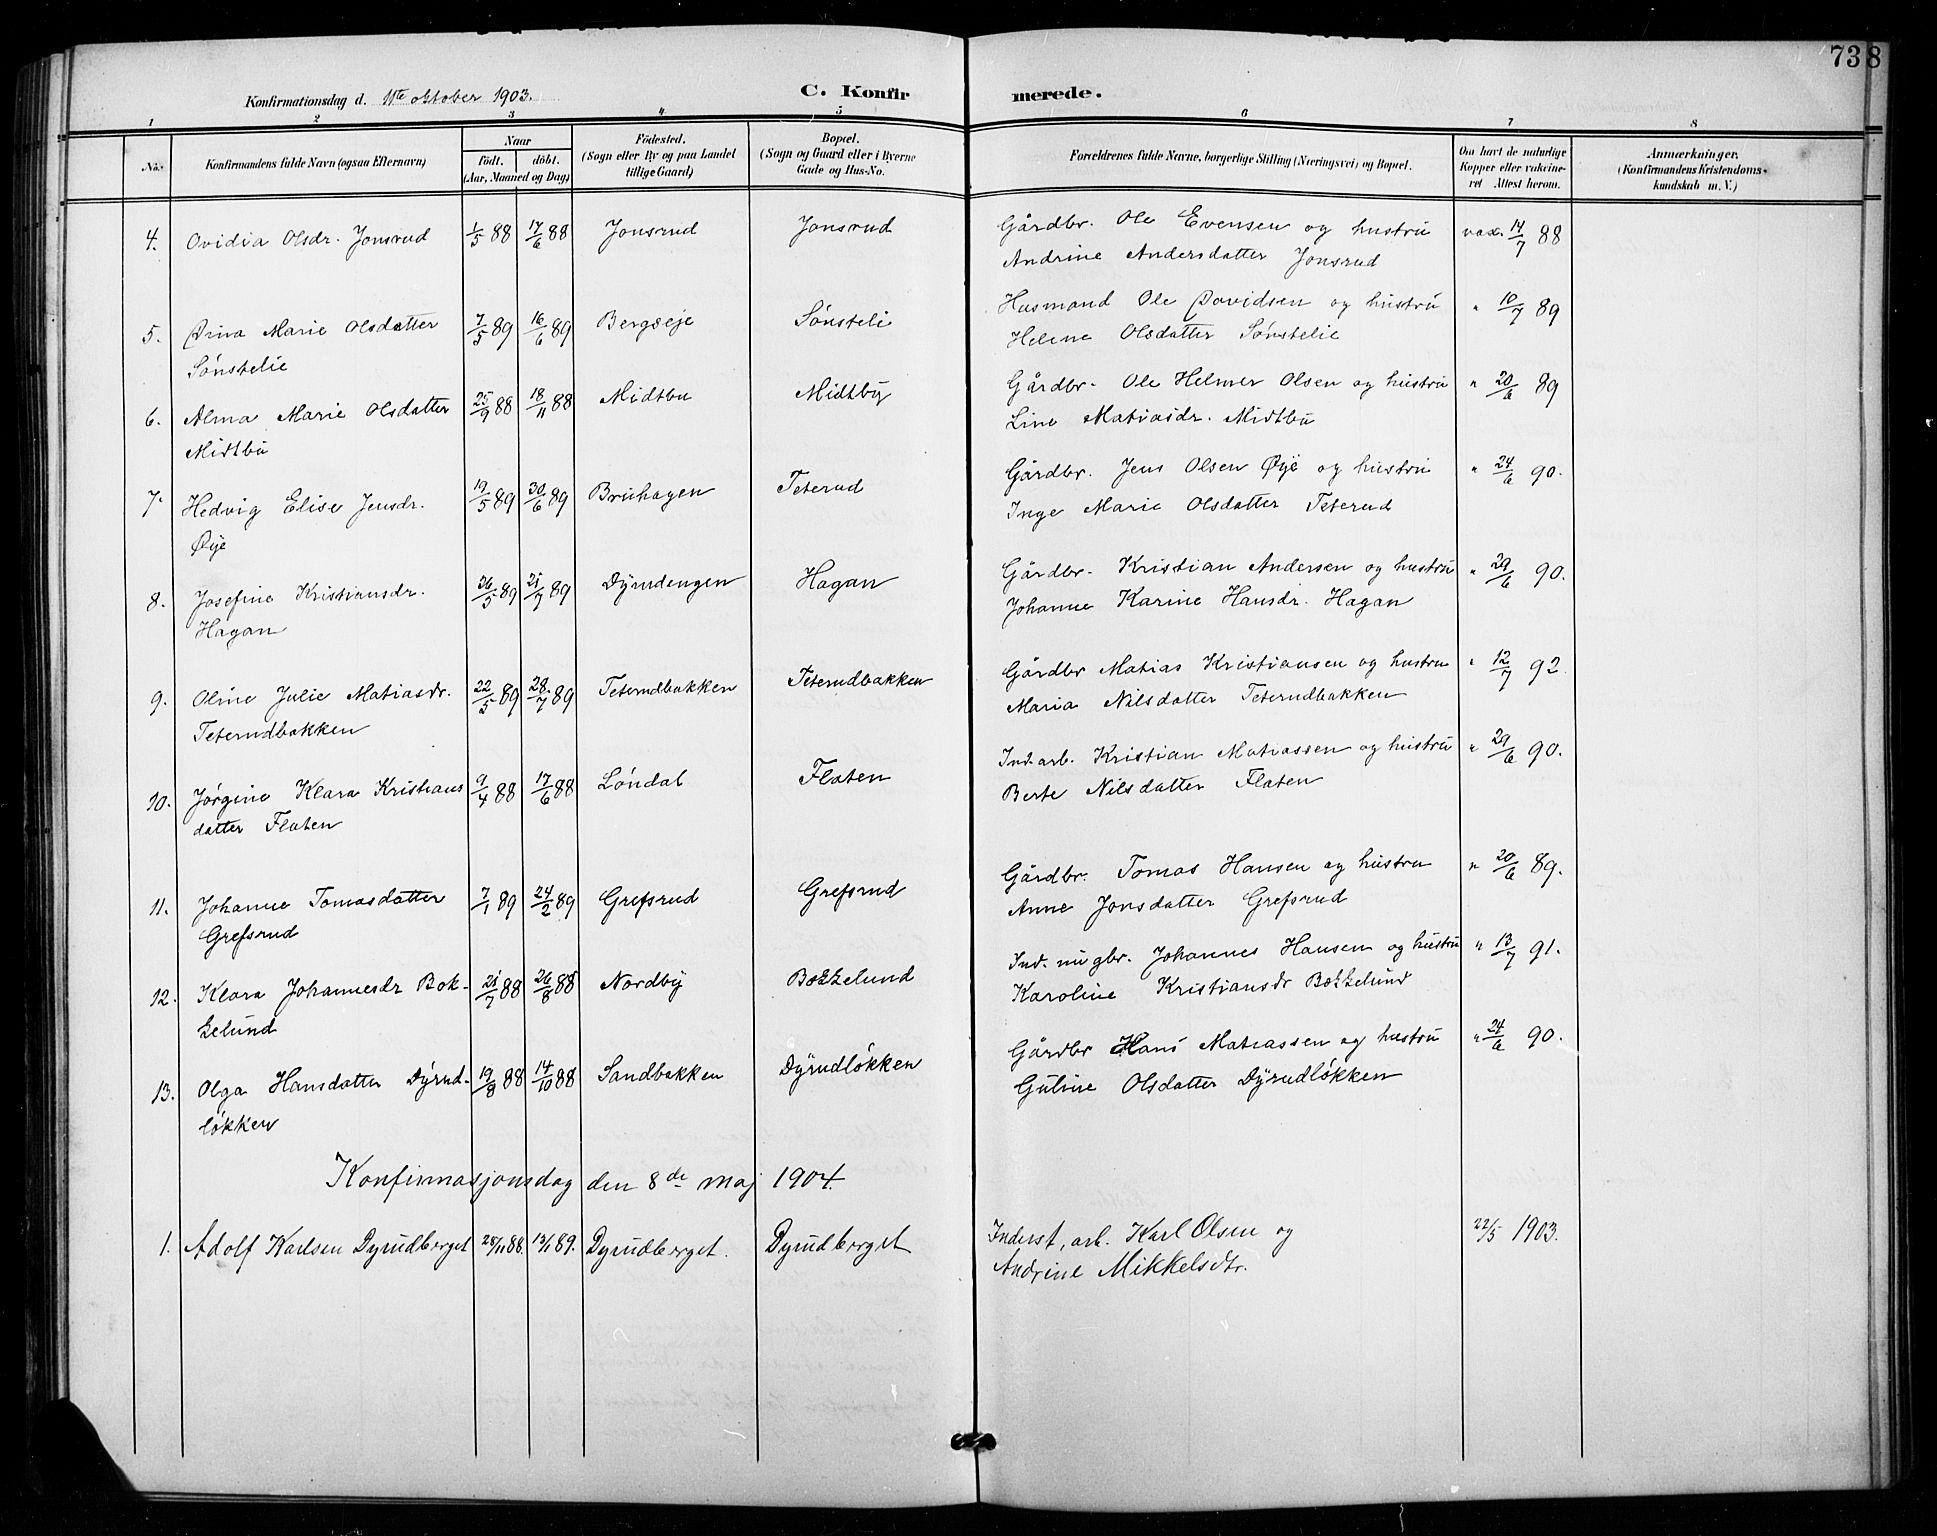 SAH, Vestre Toten prestekontor, Klokkerbok nr. 16, 1901-1915, s. 73